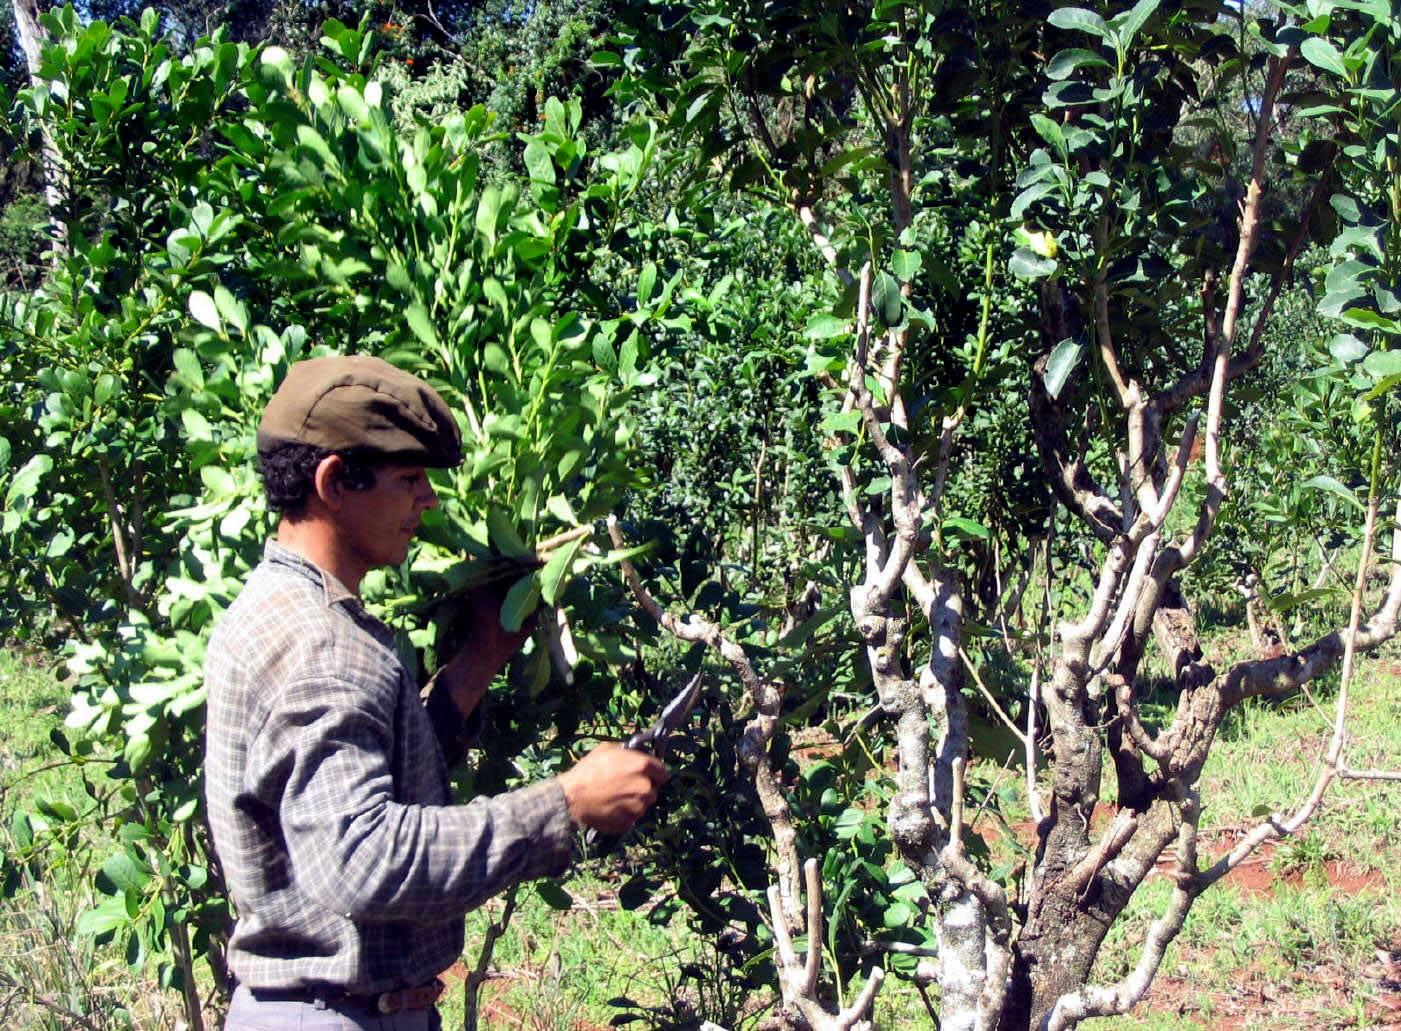 Circuito Yerba Mate : Primeras plantaciones de yerba mate u yerba mate argentina